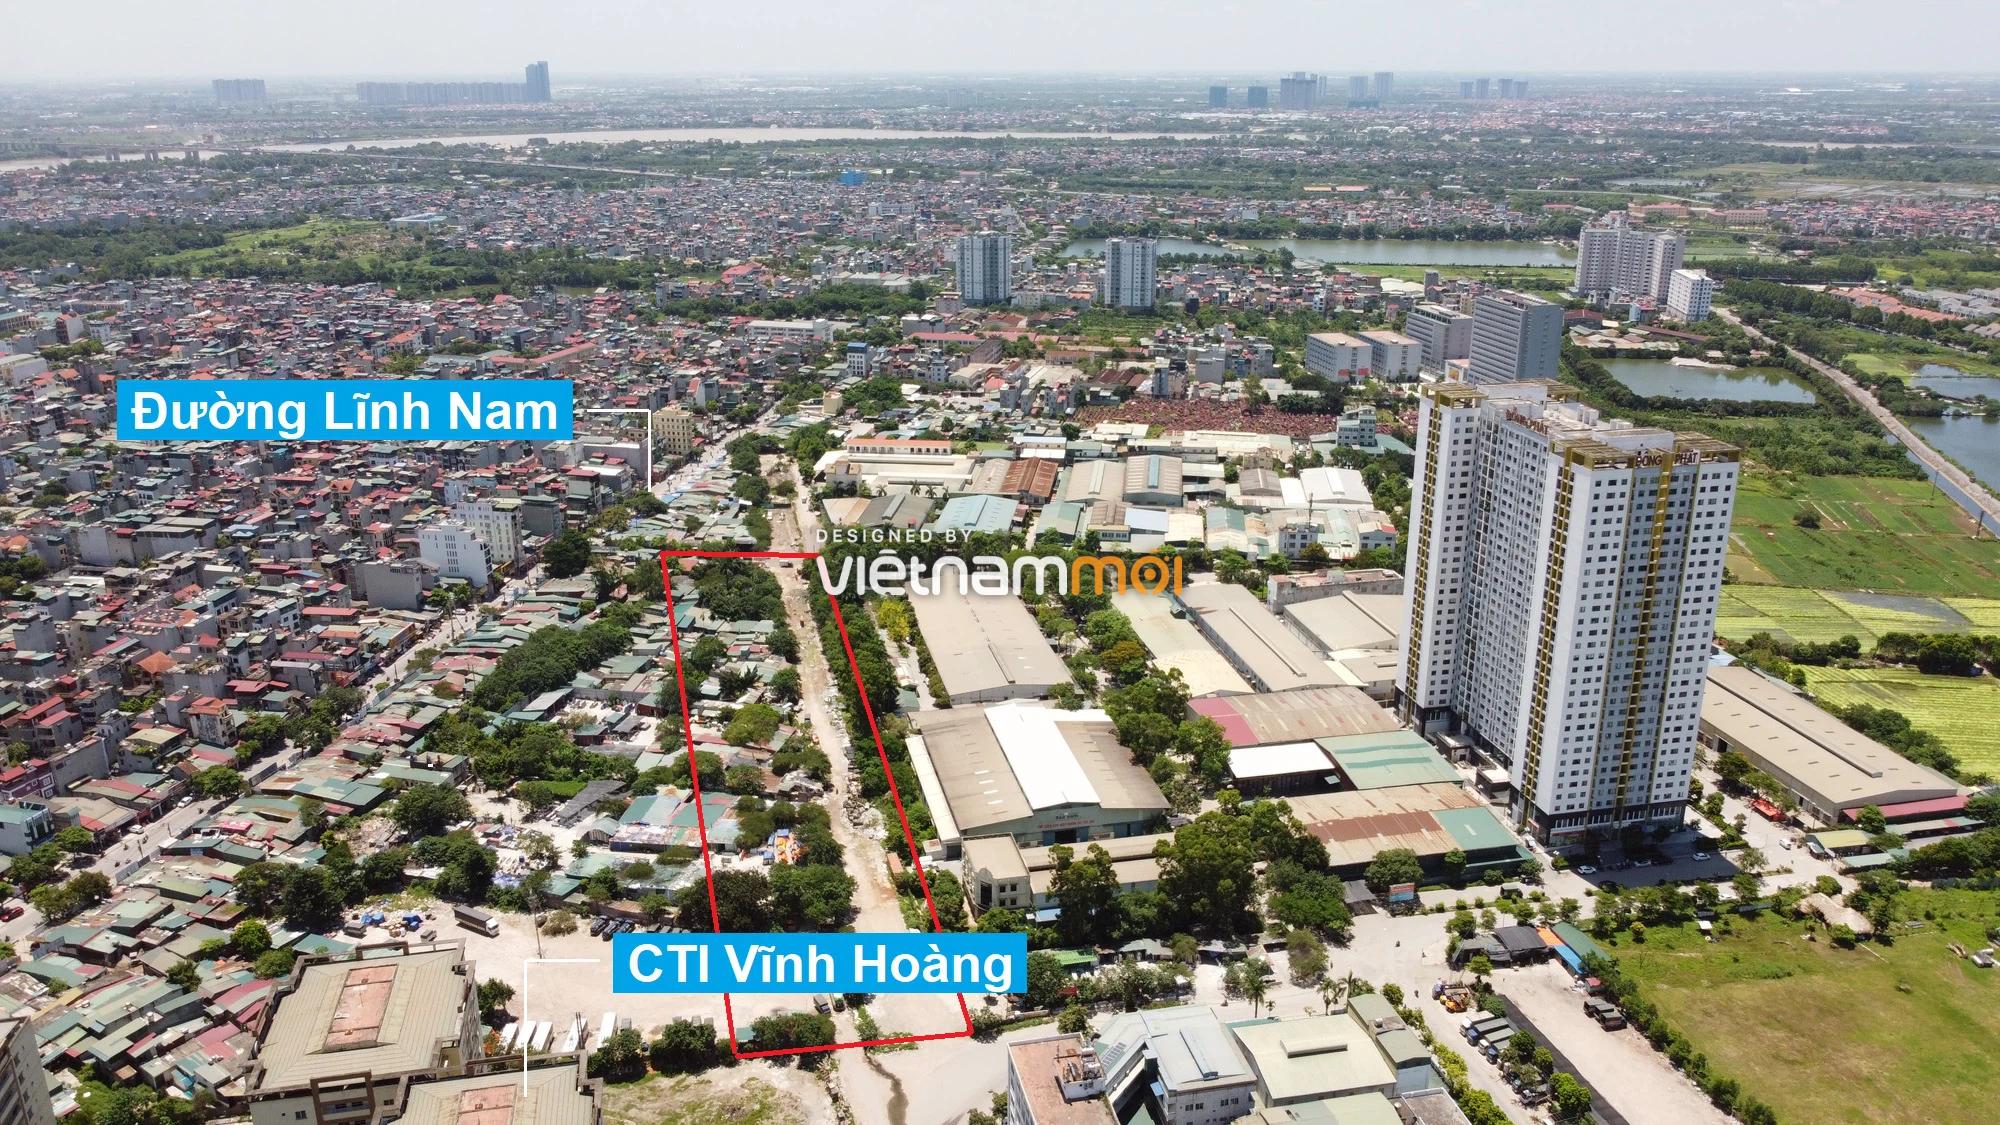 Những khu đất sắp thu hồi để mở đường ở quận Hoàng Mai, Hà Nội (phần 1) - Ảnh 17.